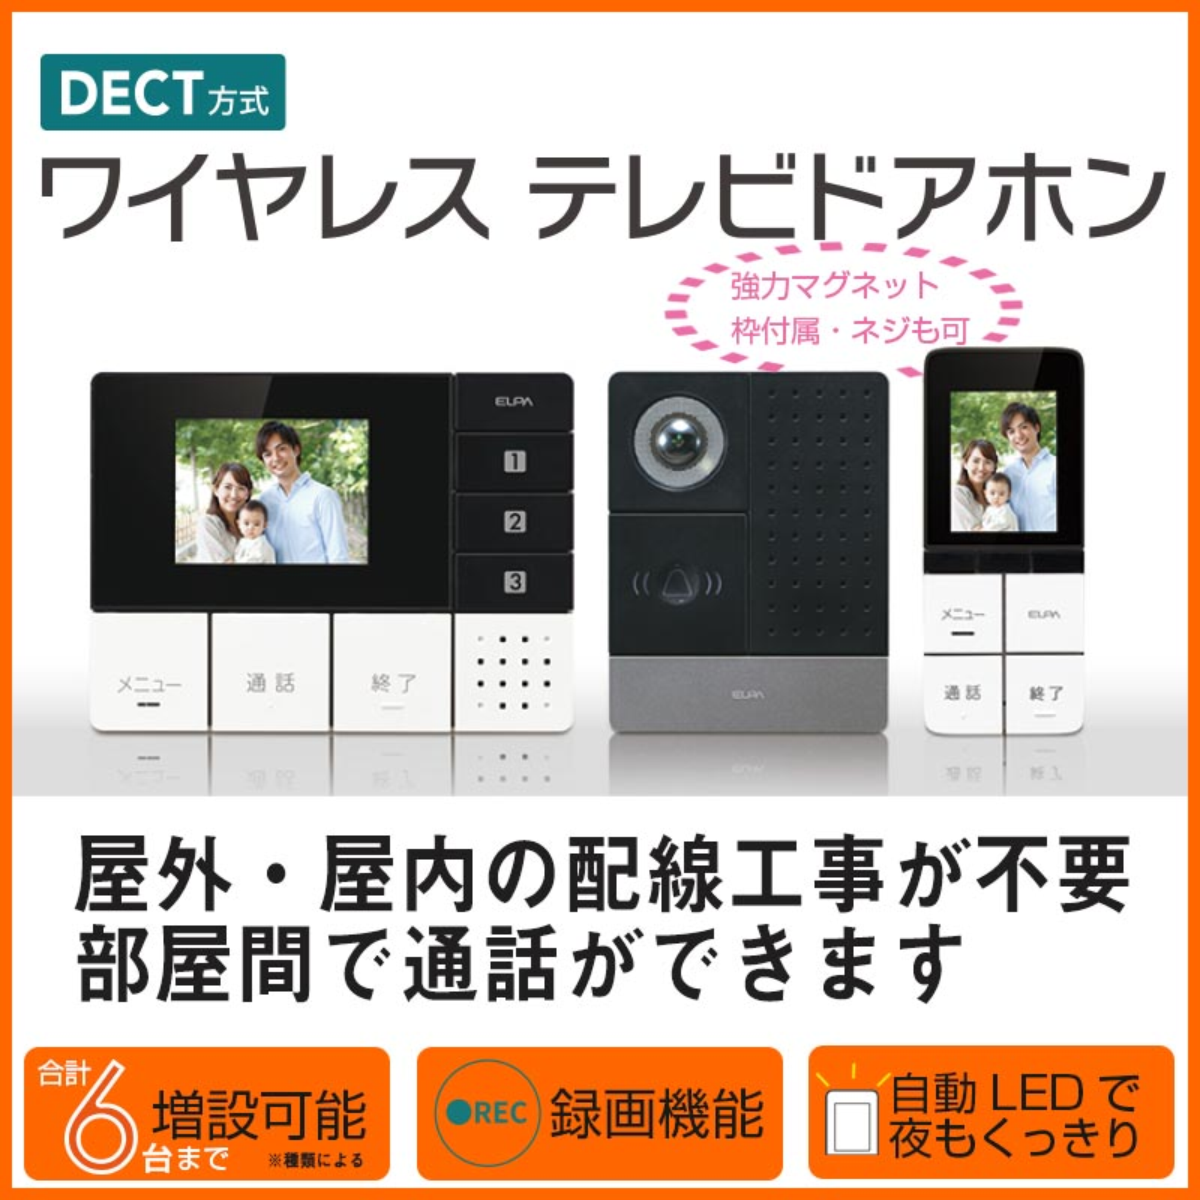 DECT方式 ワイヤレス テレビドアホン モニター&ポータブルセット 配線不要で簡単設置 増設もできる DHS-TMP2320/ELPA 朝日電器